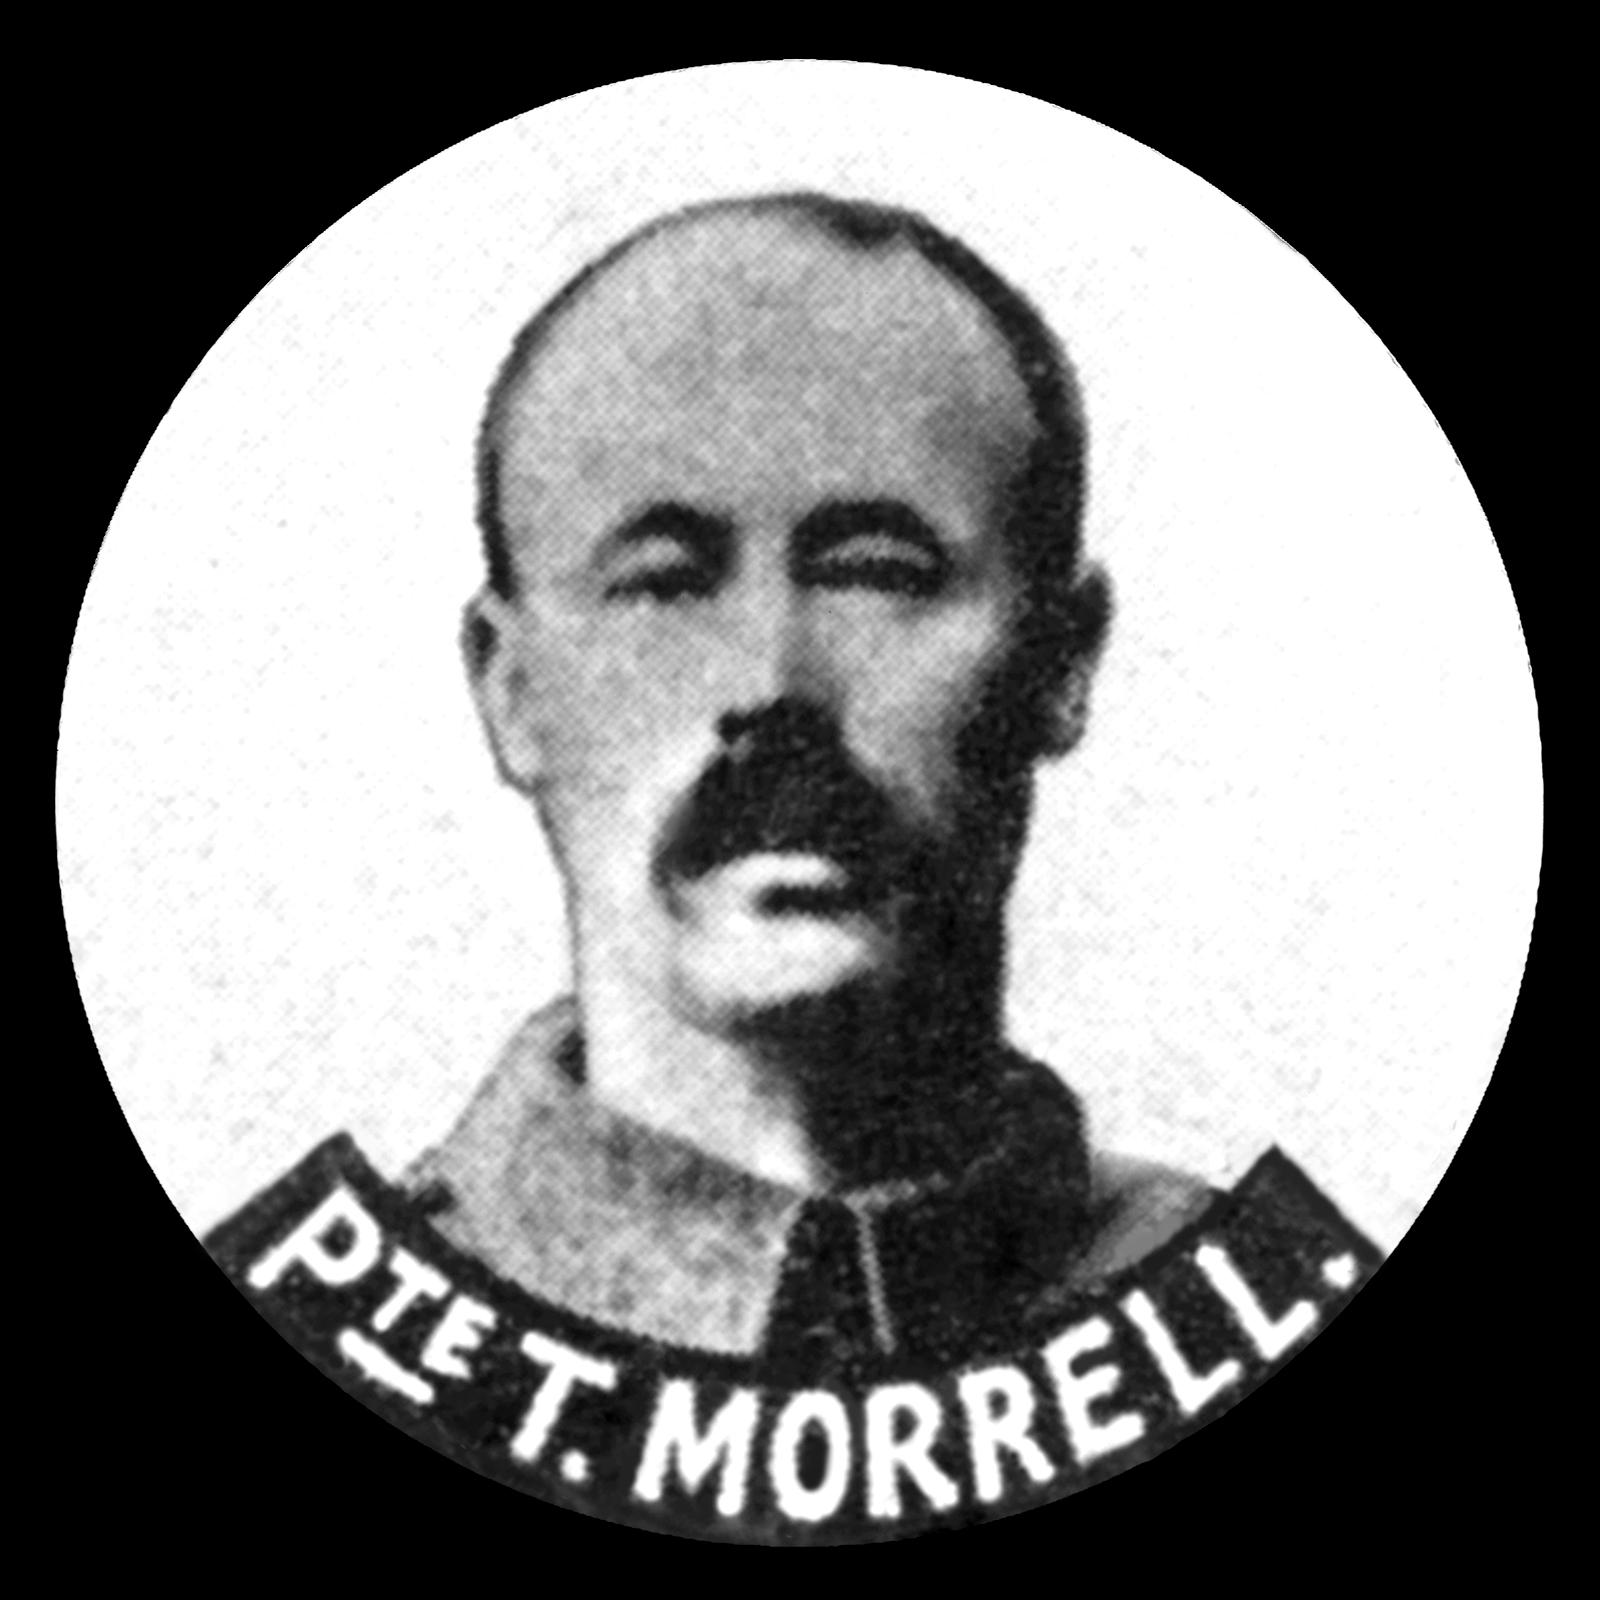 MORRELL Thomas